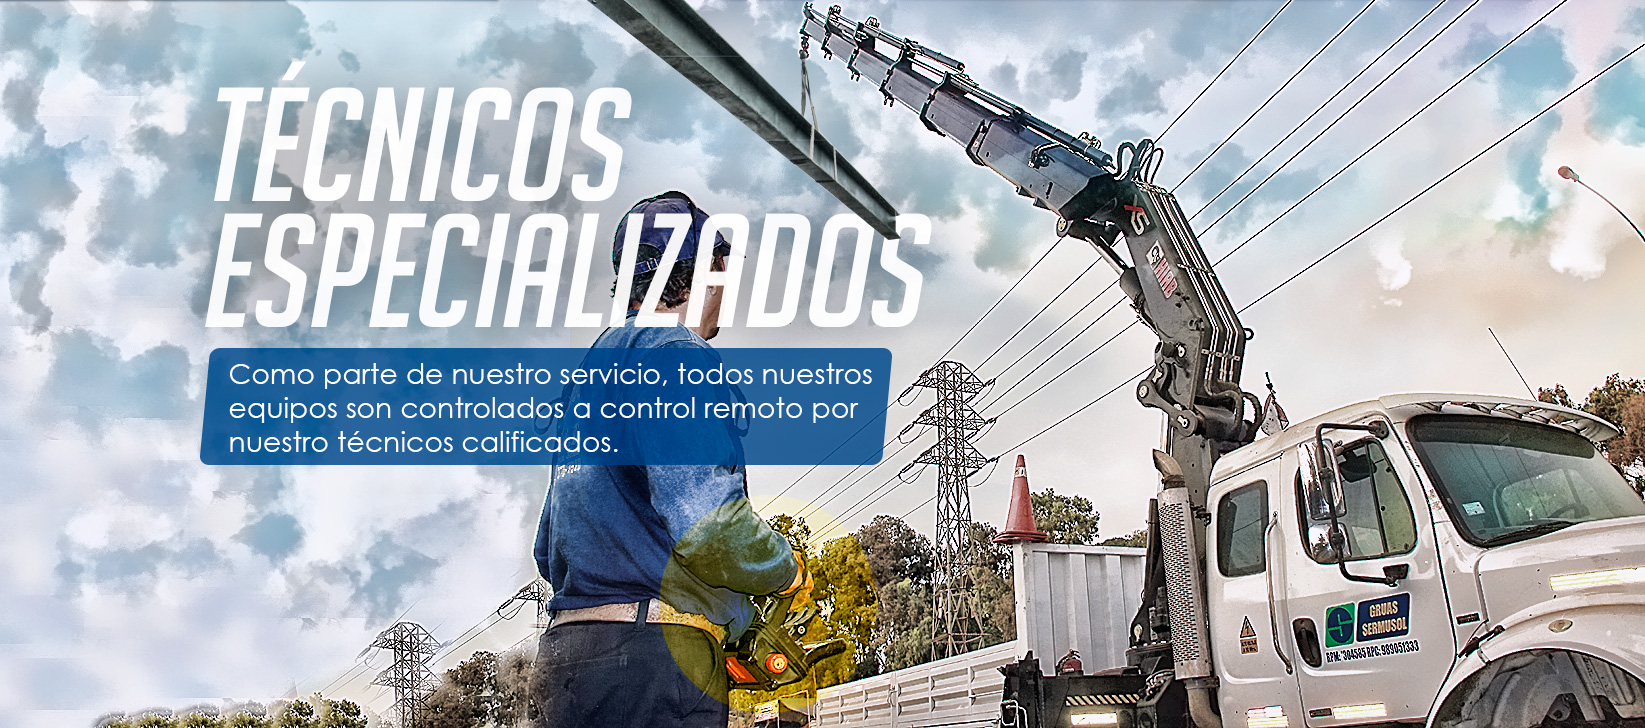 Como parte de nuestro servicio, todos nuestros equipos son controlados a control remoto por nuestro técnicos calificados.